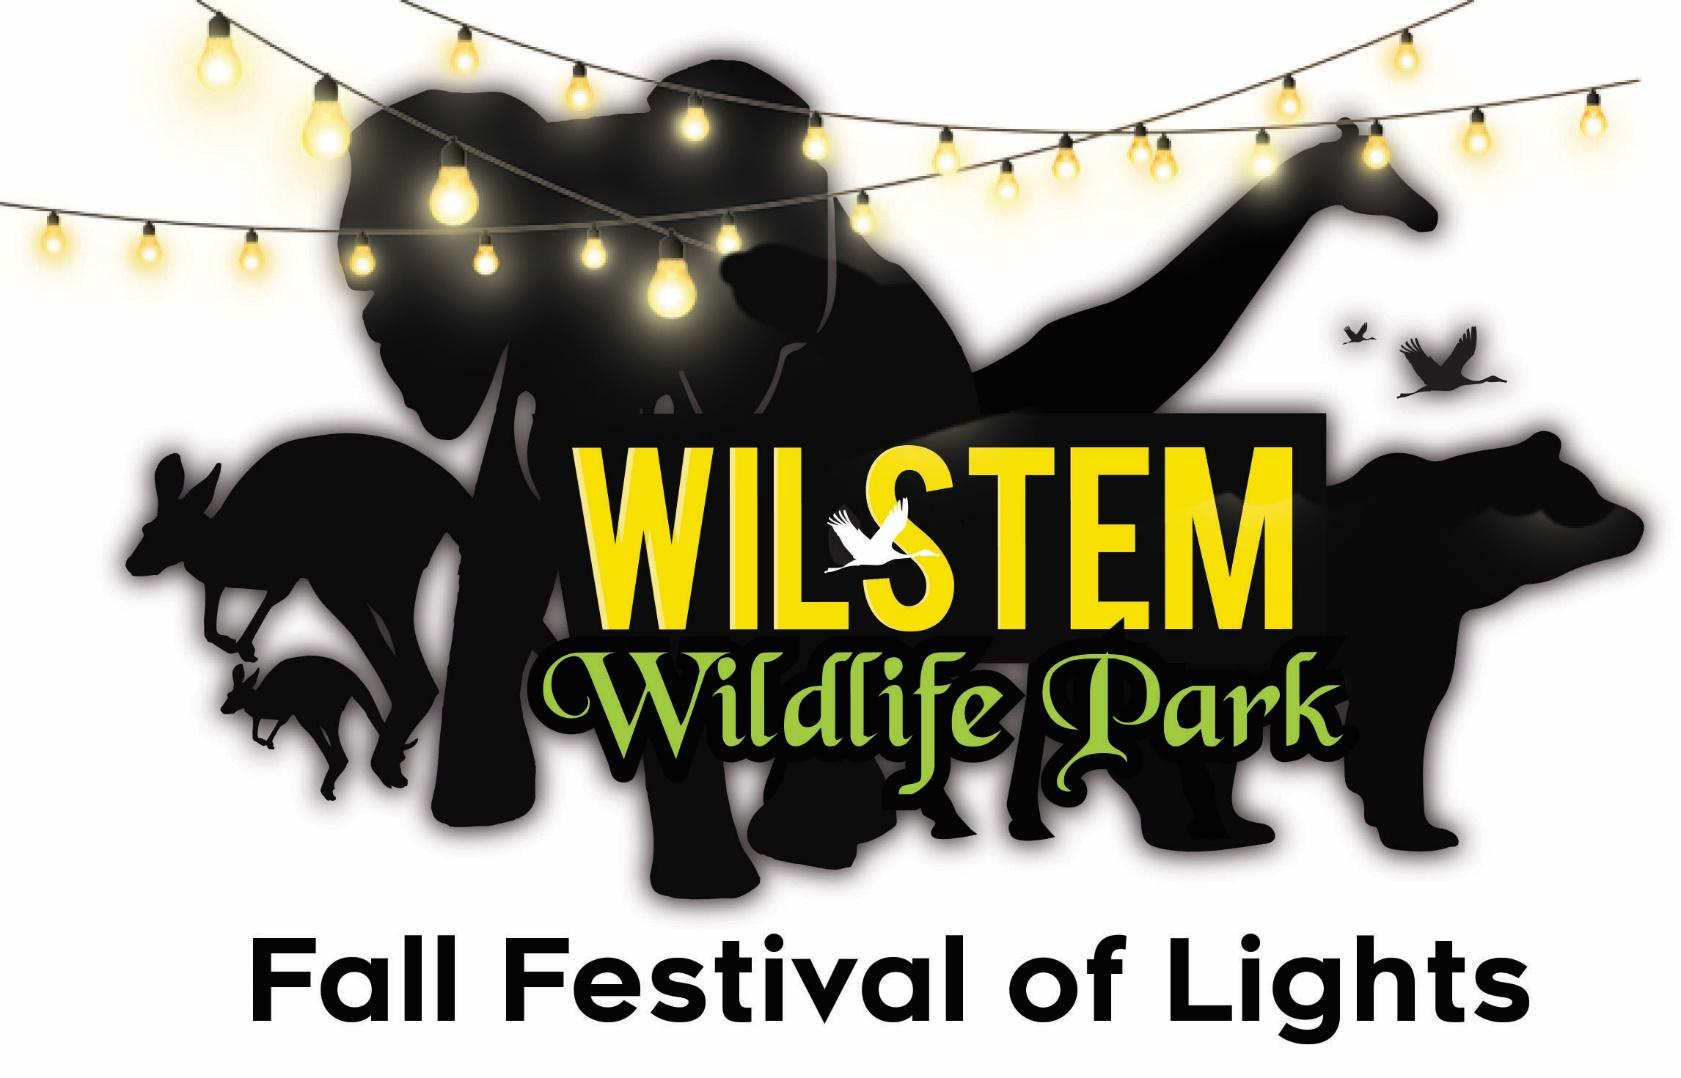 Wilstem Wildlife Park Announces the Return of the Fall Festival of Lights